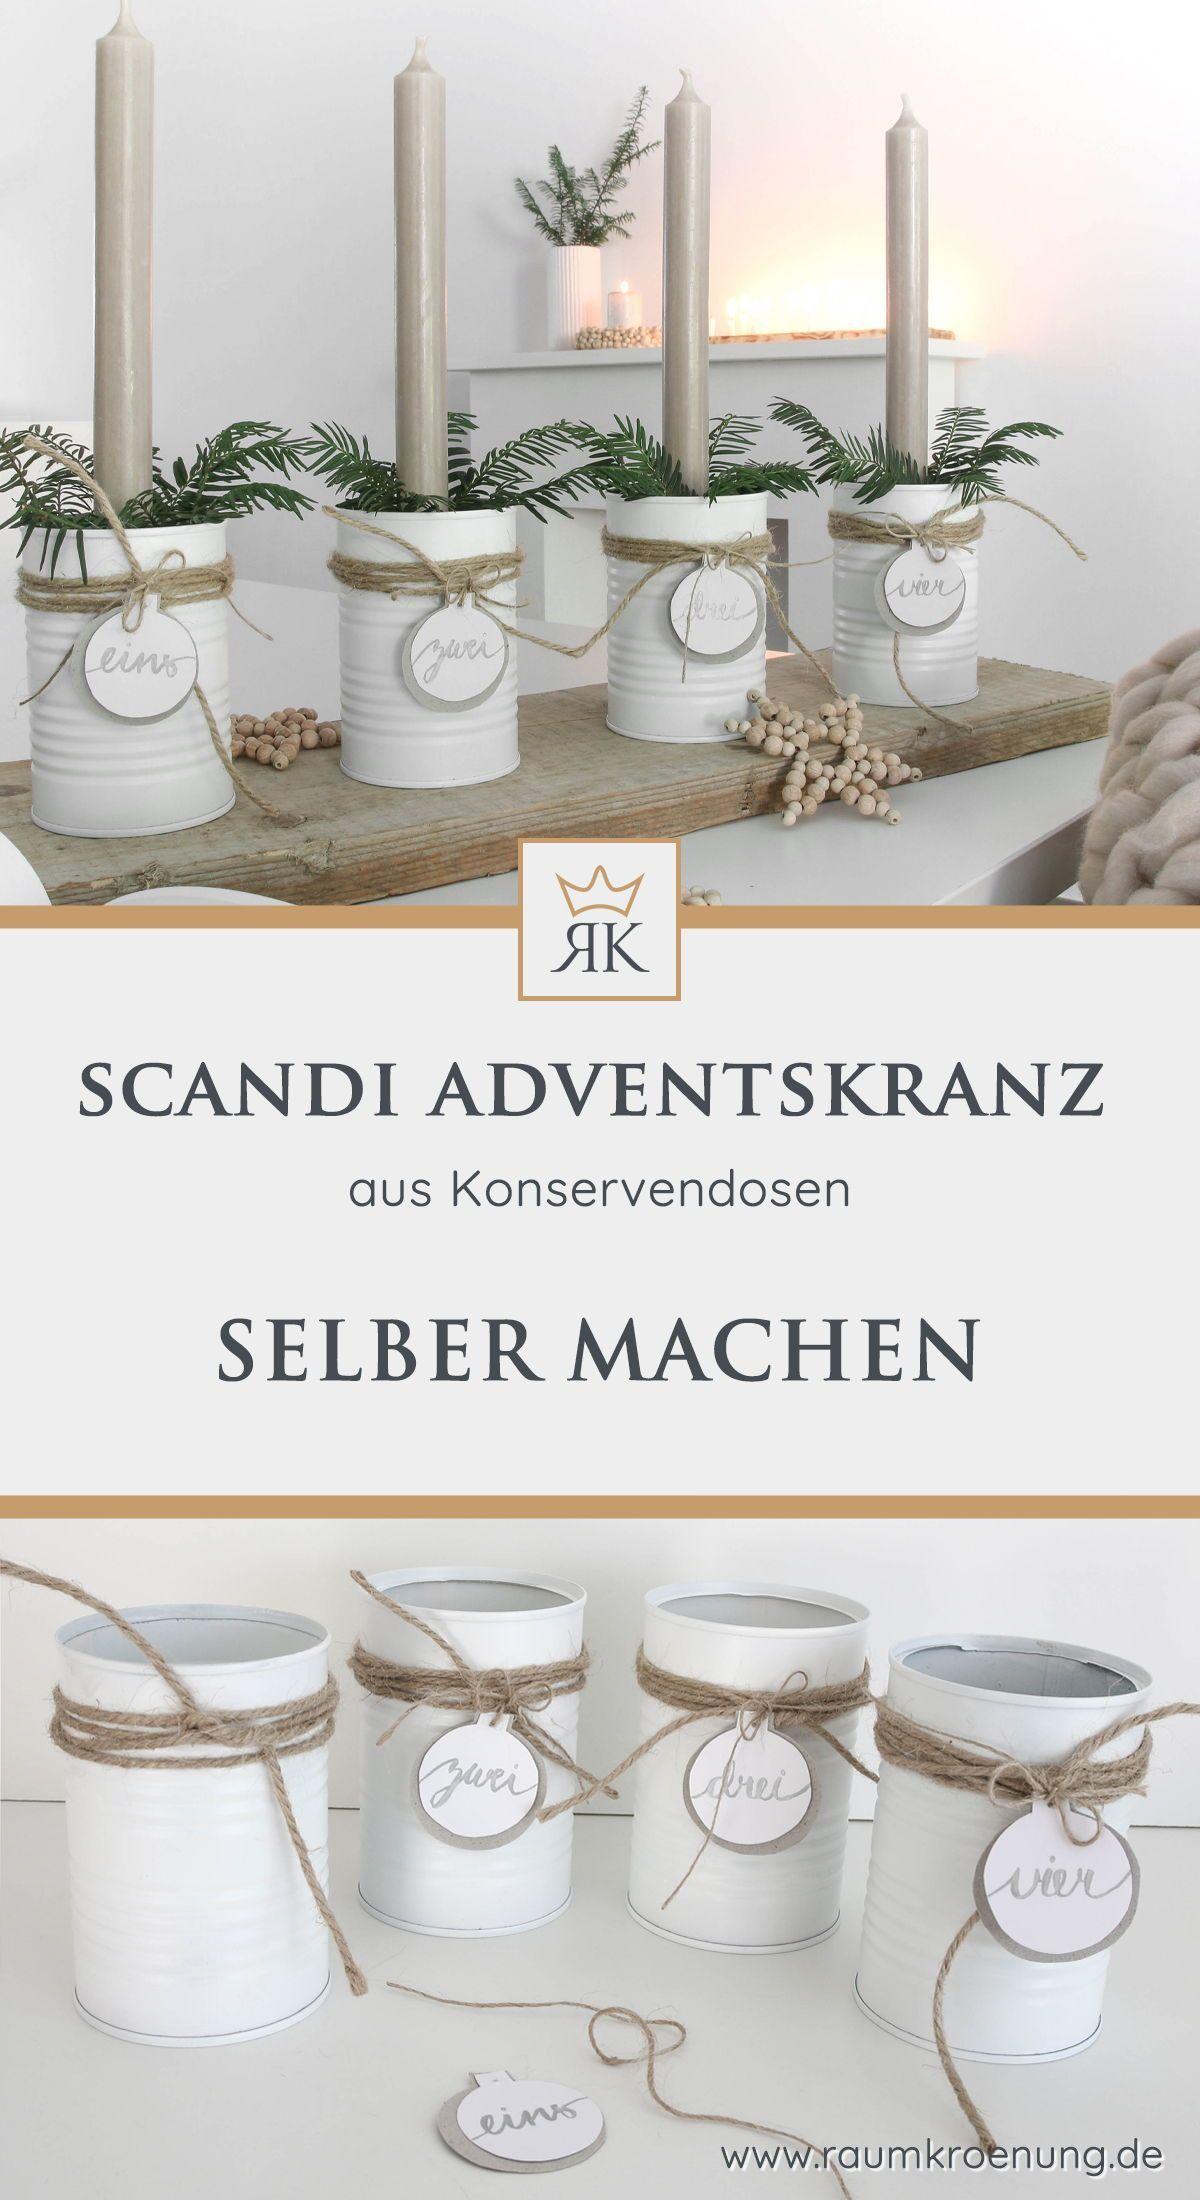 Adventskranz aus Konservendosen im Scandi Style